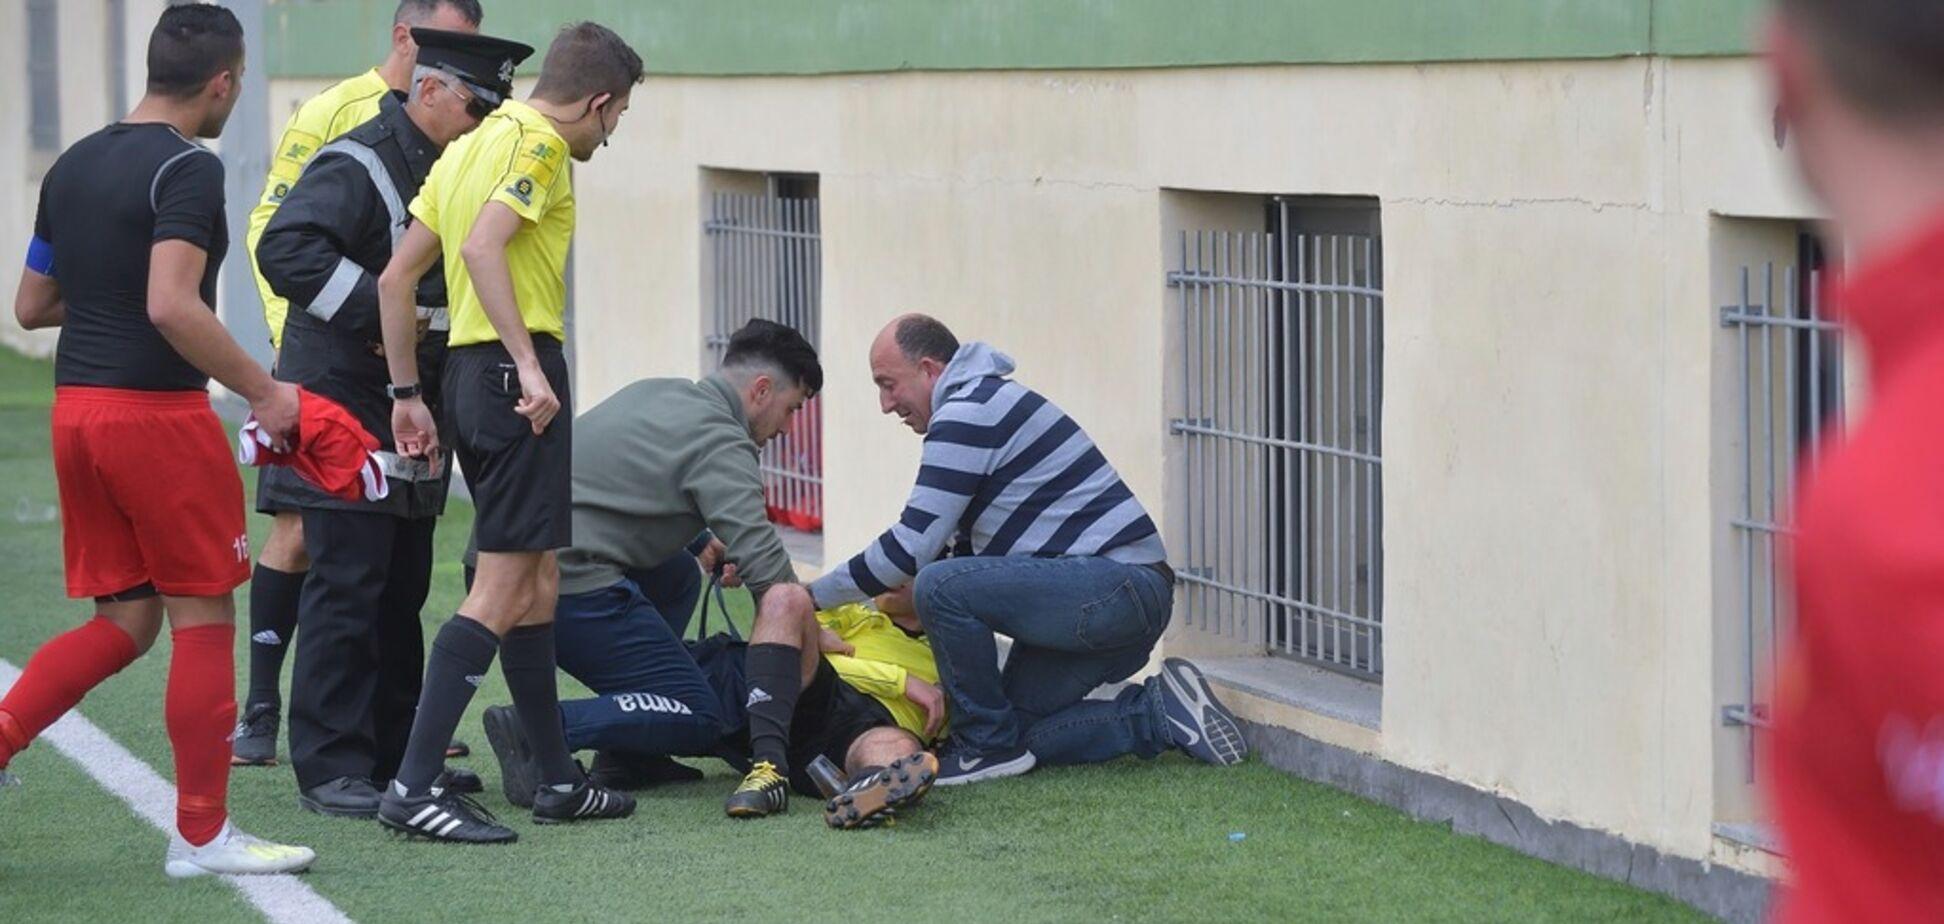 Футболист обиделся на карточку и отправил арбитра в нокаут, продолжив избивать на земле